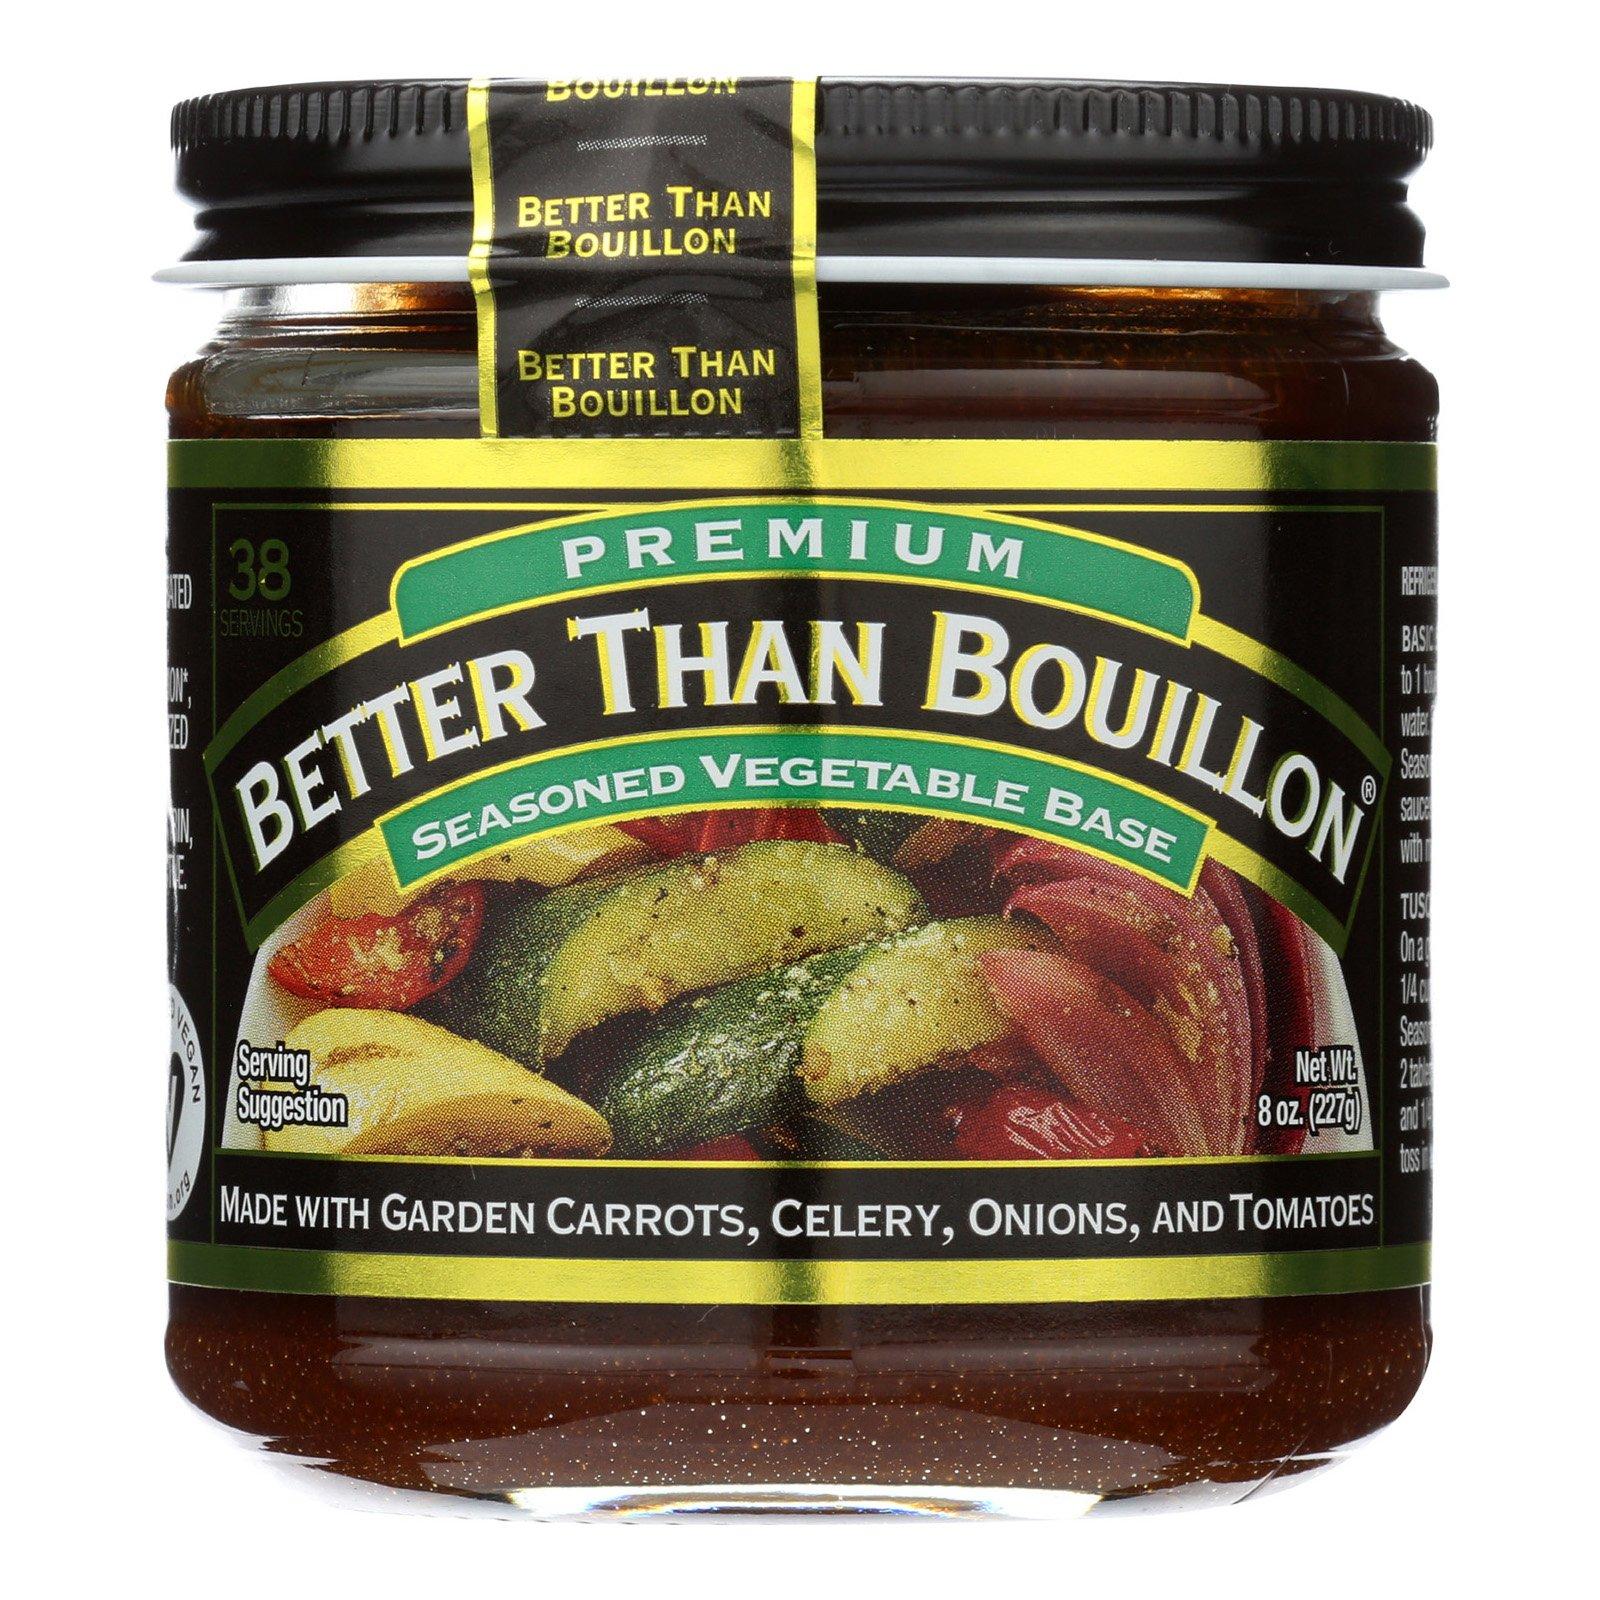 Better Than Bouillon Organic Seasoned - Vegetable Base - Case of 6 - 8 oz.